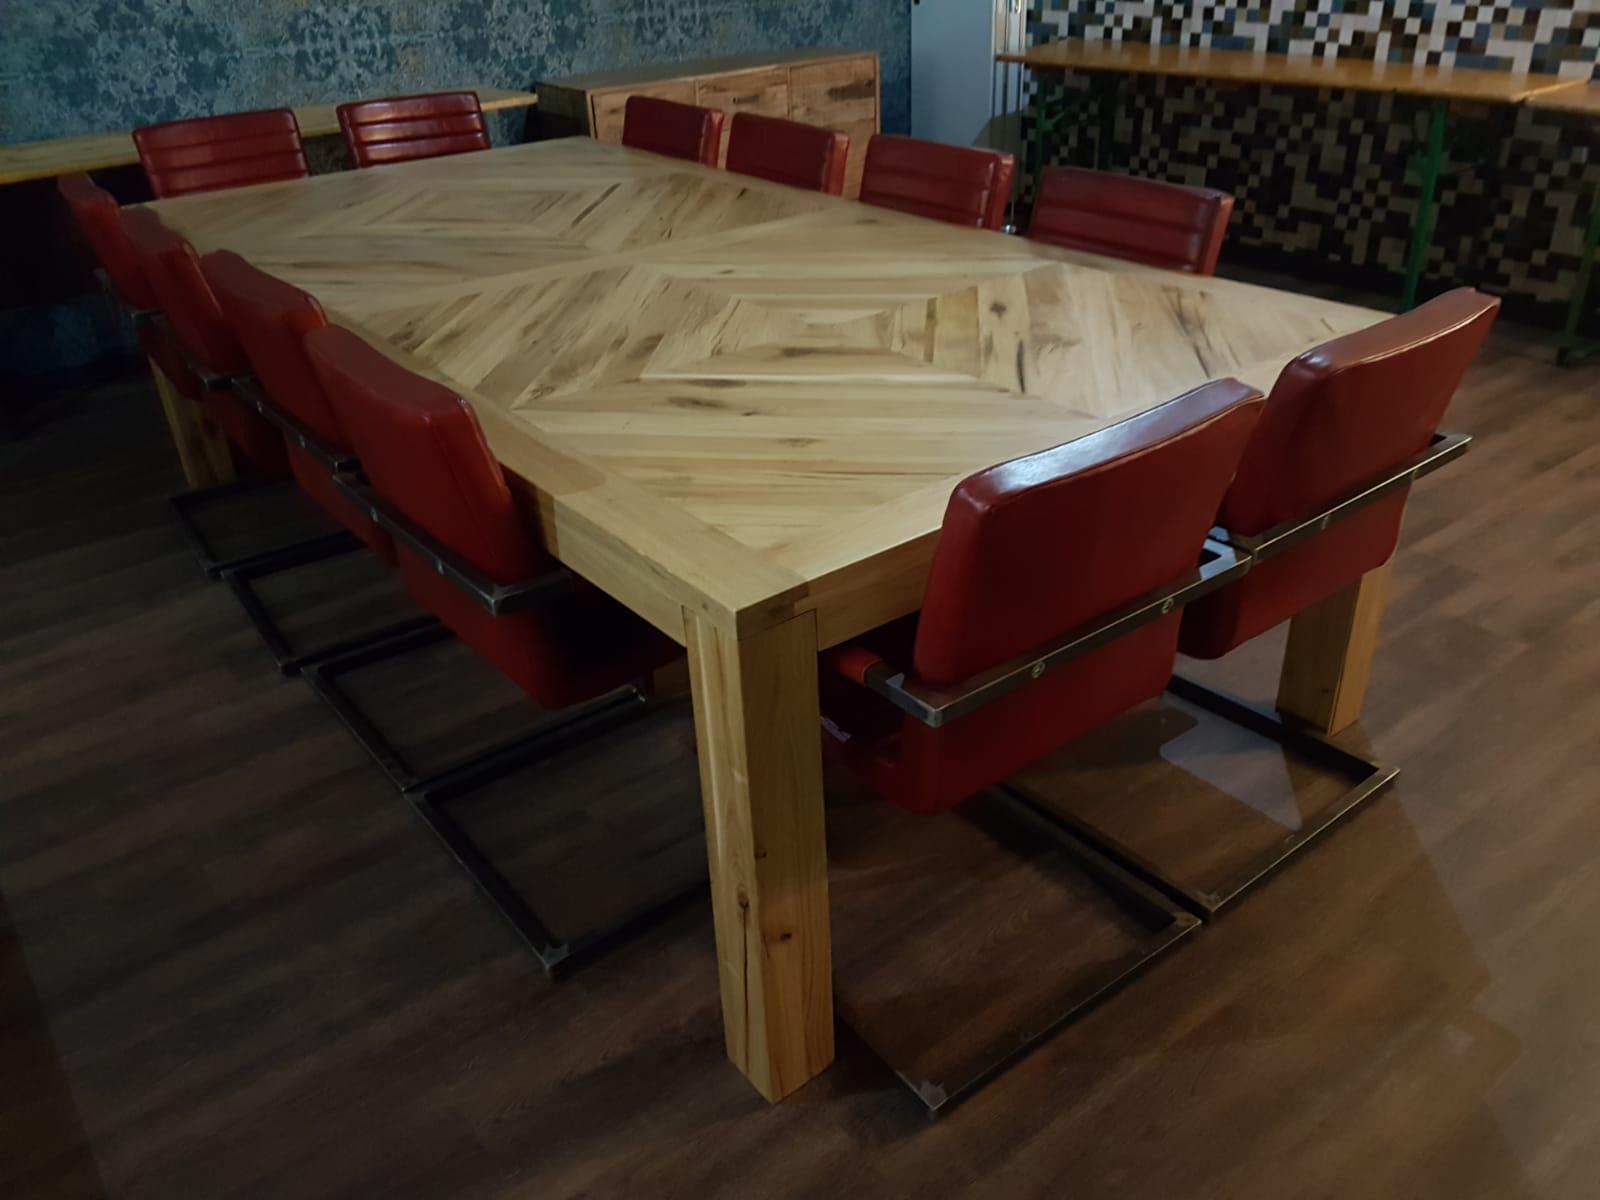 Großer Esstisch aus altem Holz mit Rautenmuster